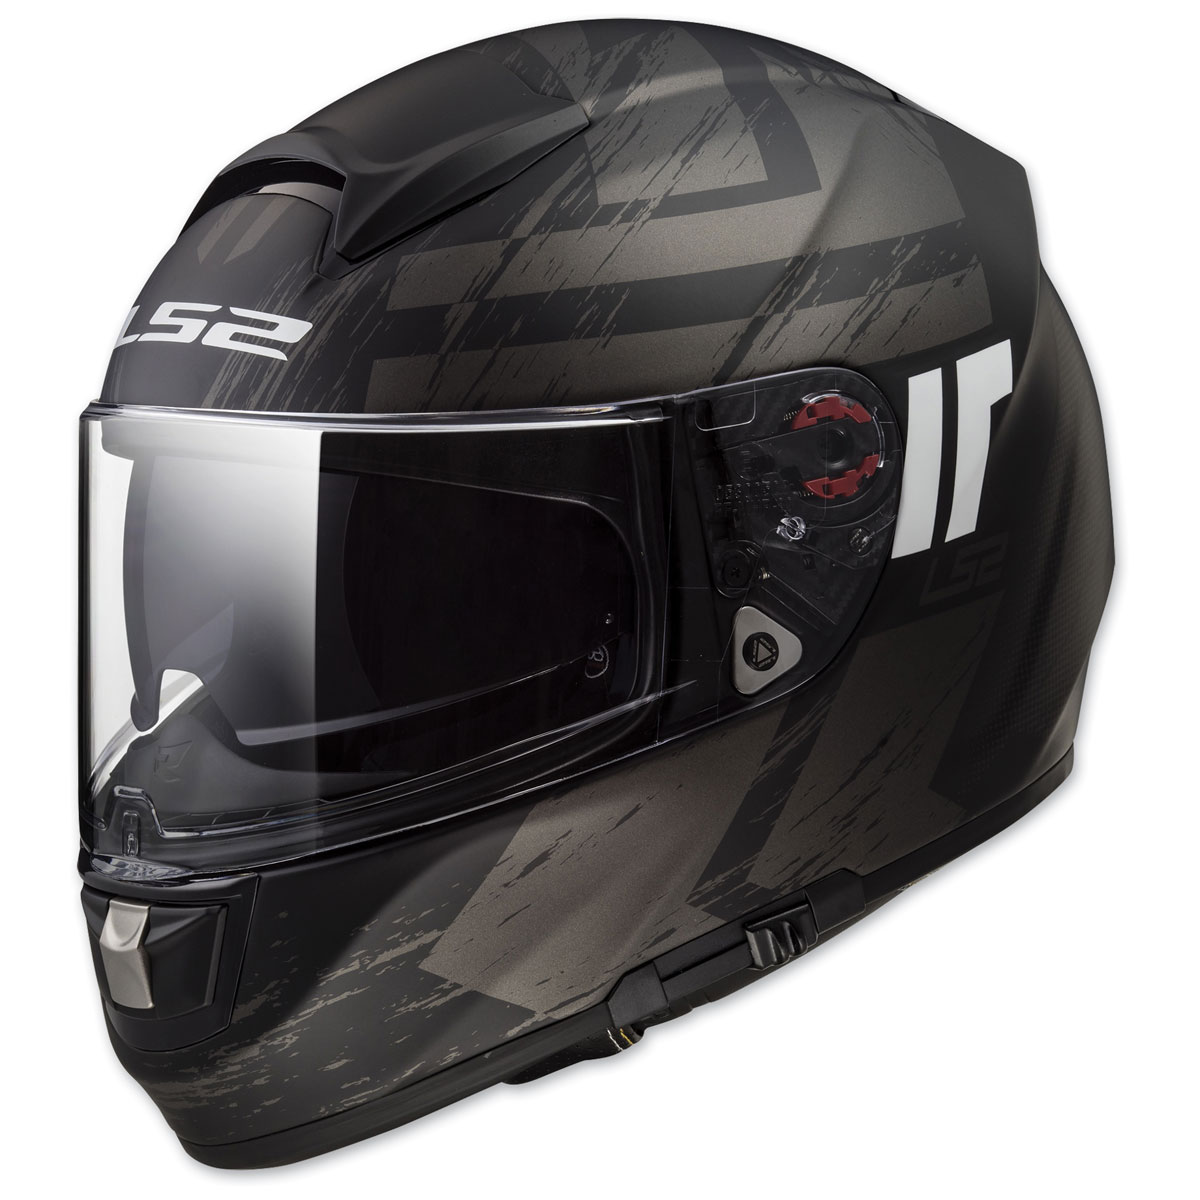 LS2 Citation Hunter Matte Black Full Face Helmet